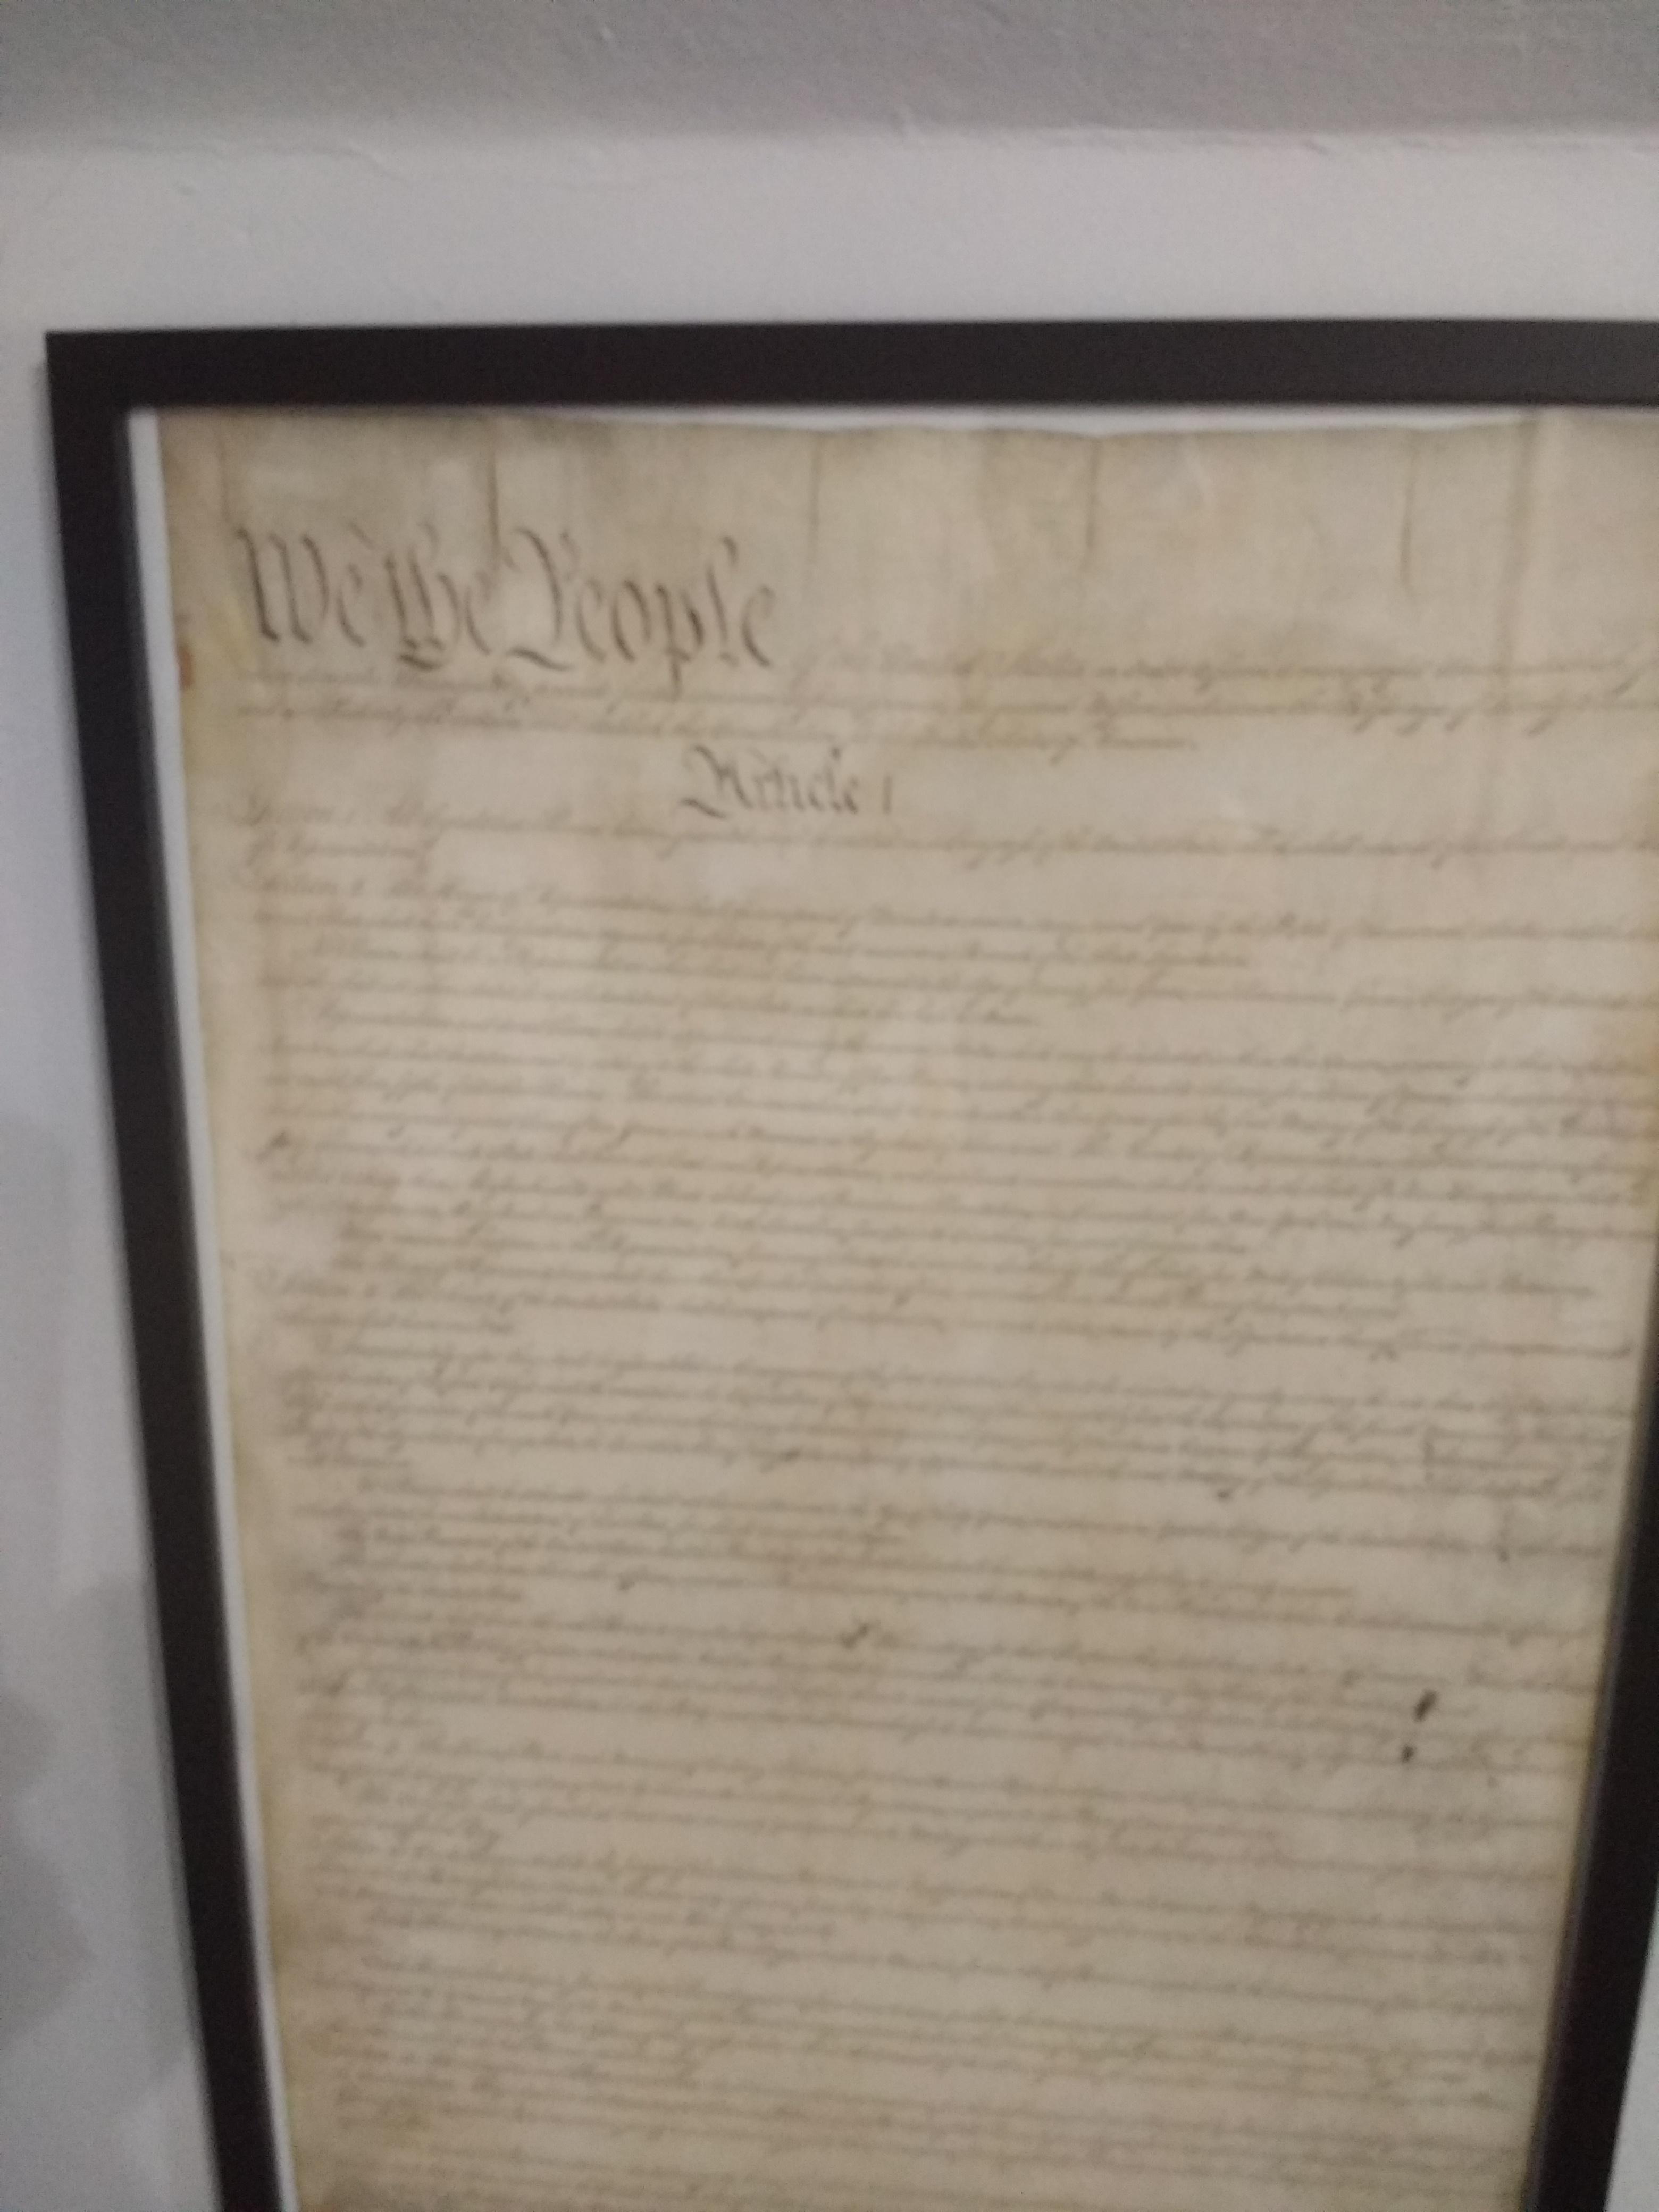 Us Constitution.jpg